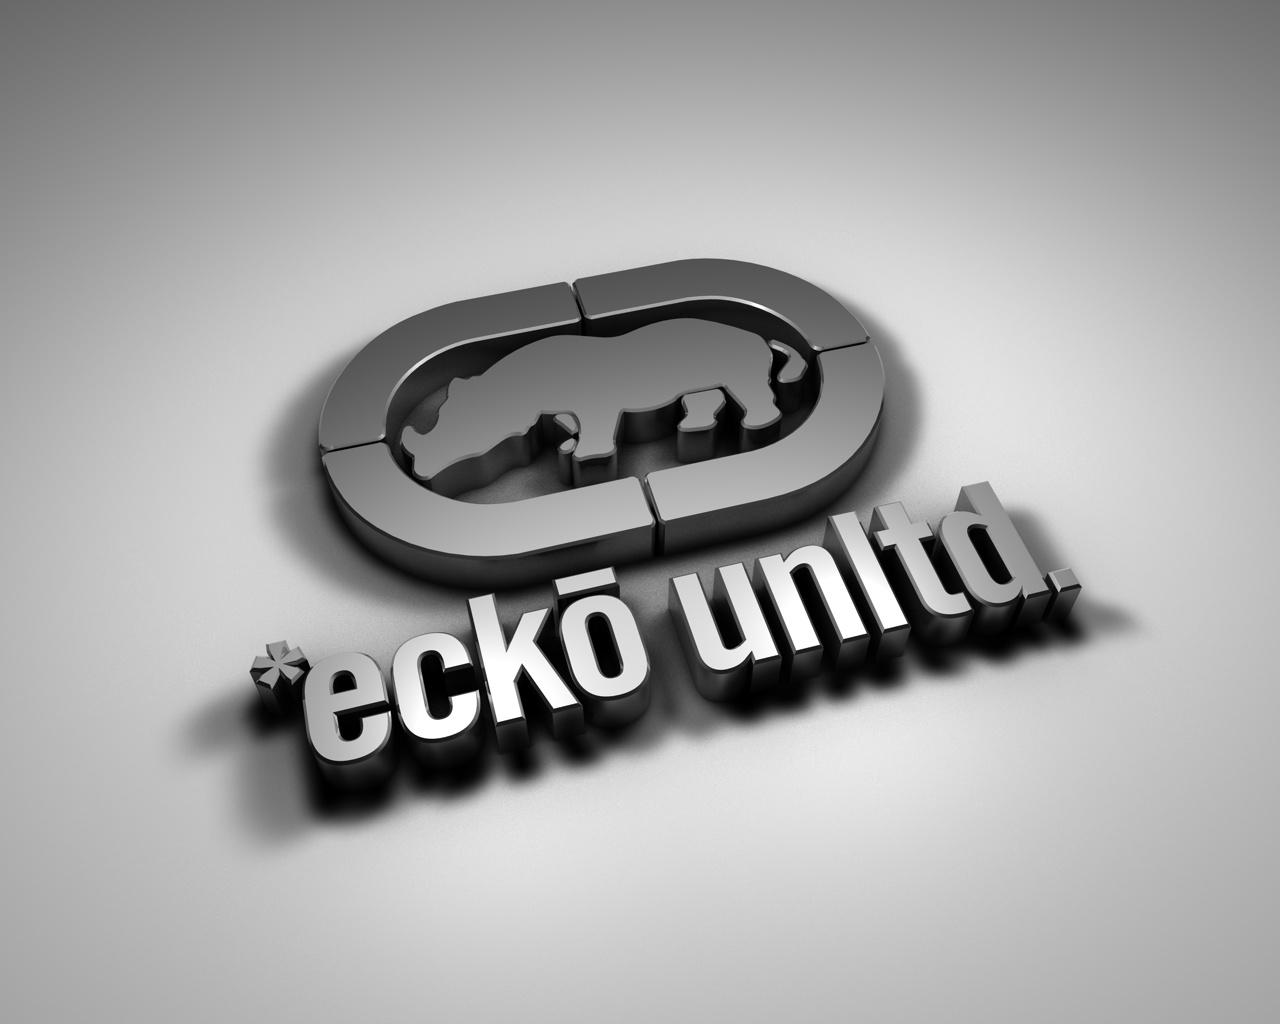 76+] Ecko Wallpaper on WallpaperSafari